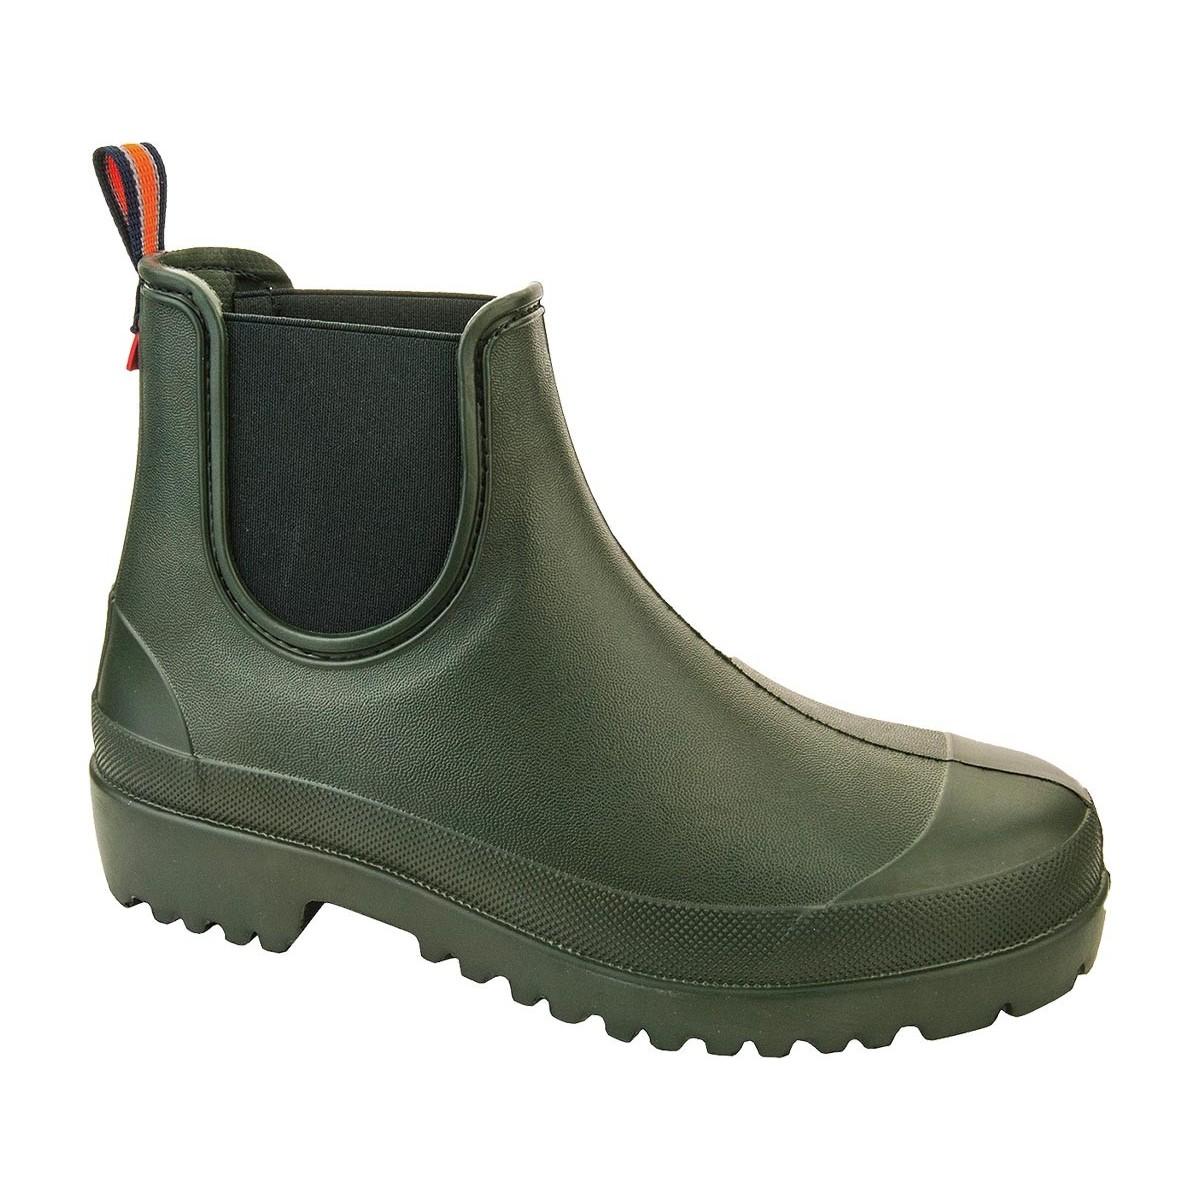 1ad0970eb7ac8 Sztyblety buty gumowe LEMIGO CHUCK zielono-czarne r. 40-47 ...